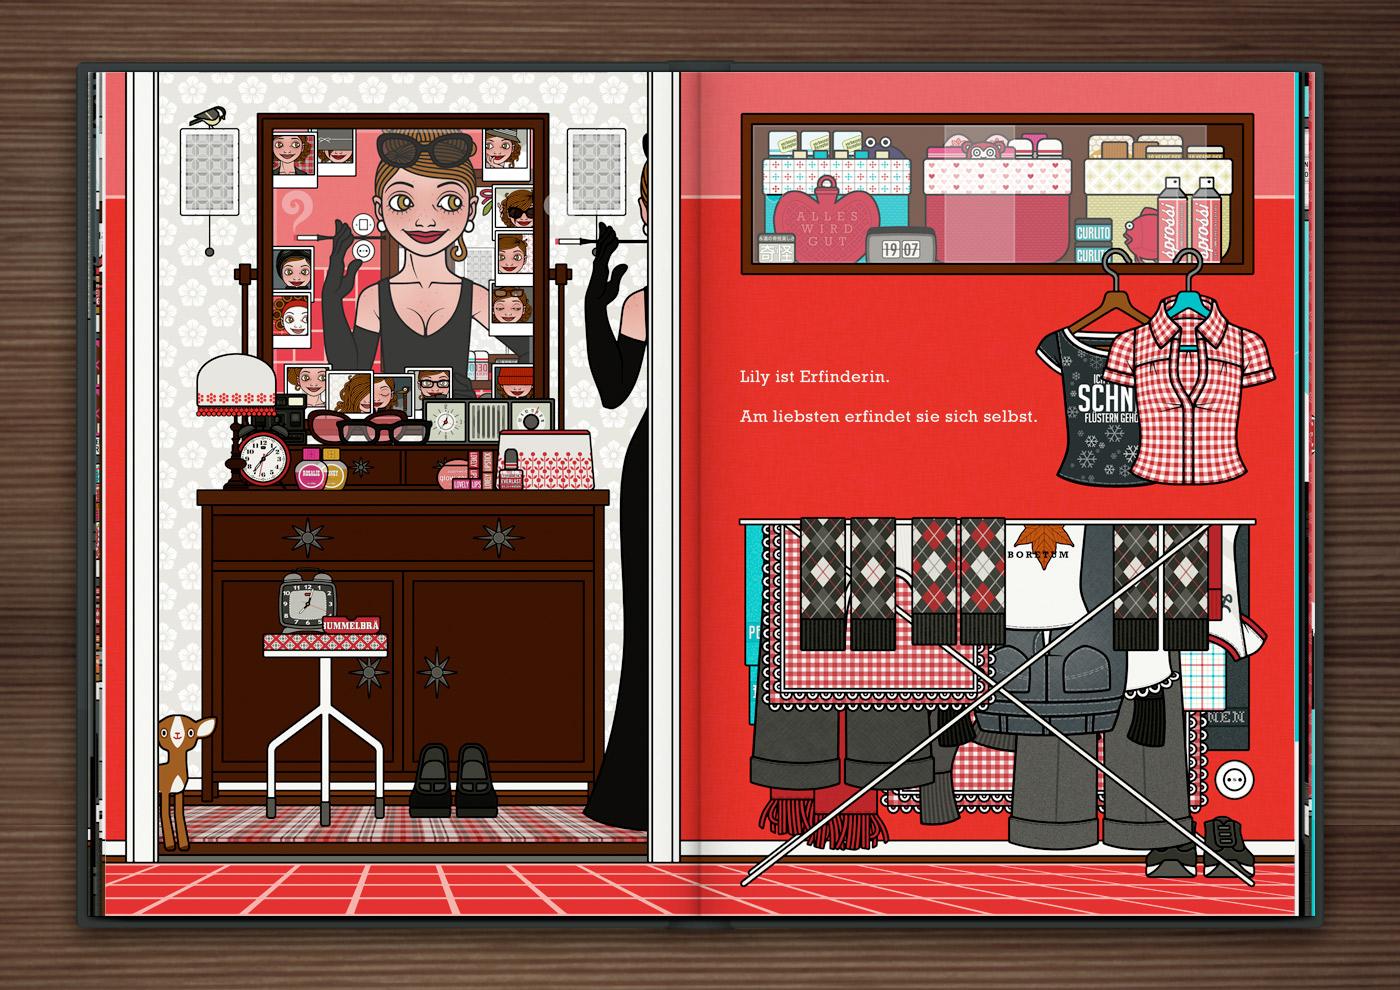 Mädchen erfindet sich neu und mondän mit Abendkleid, Handschuhen, Zigarettenspitze und Sonnenbrille vor dem Spiegel im Schlafzimmer, aus dem Buch Die wunderbare Welt der Lily Lux